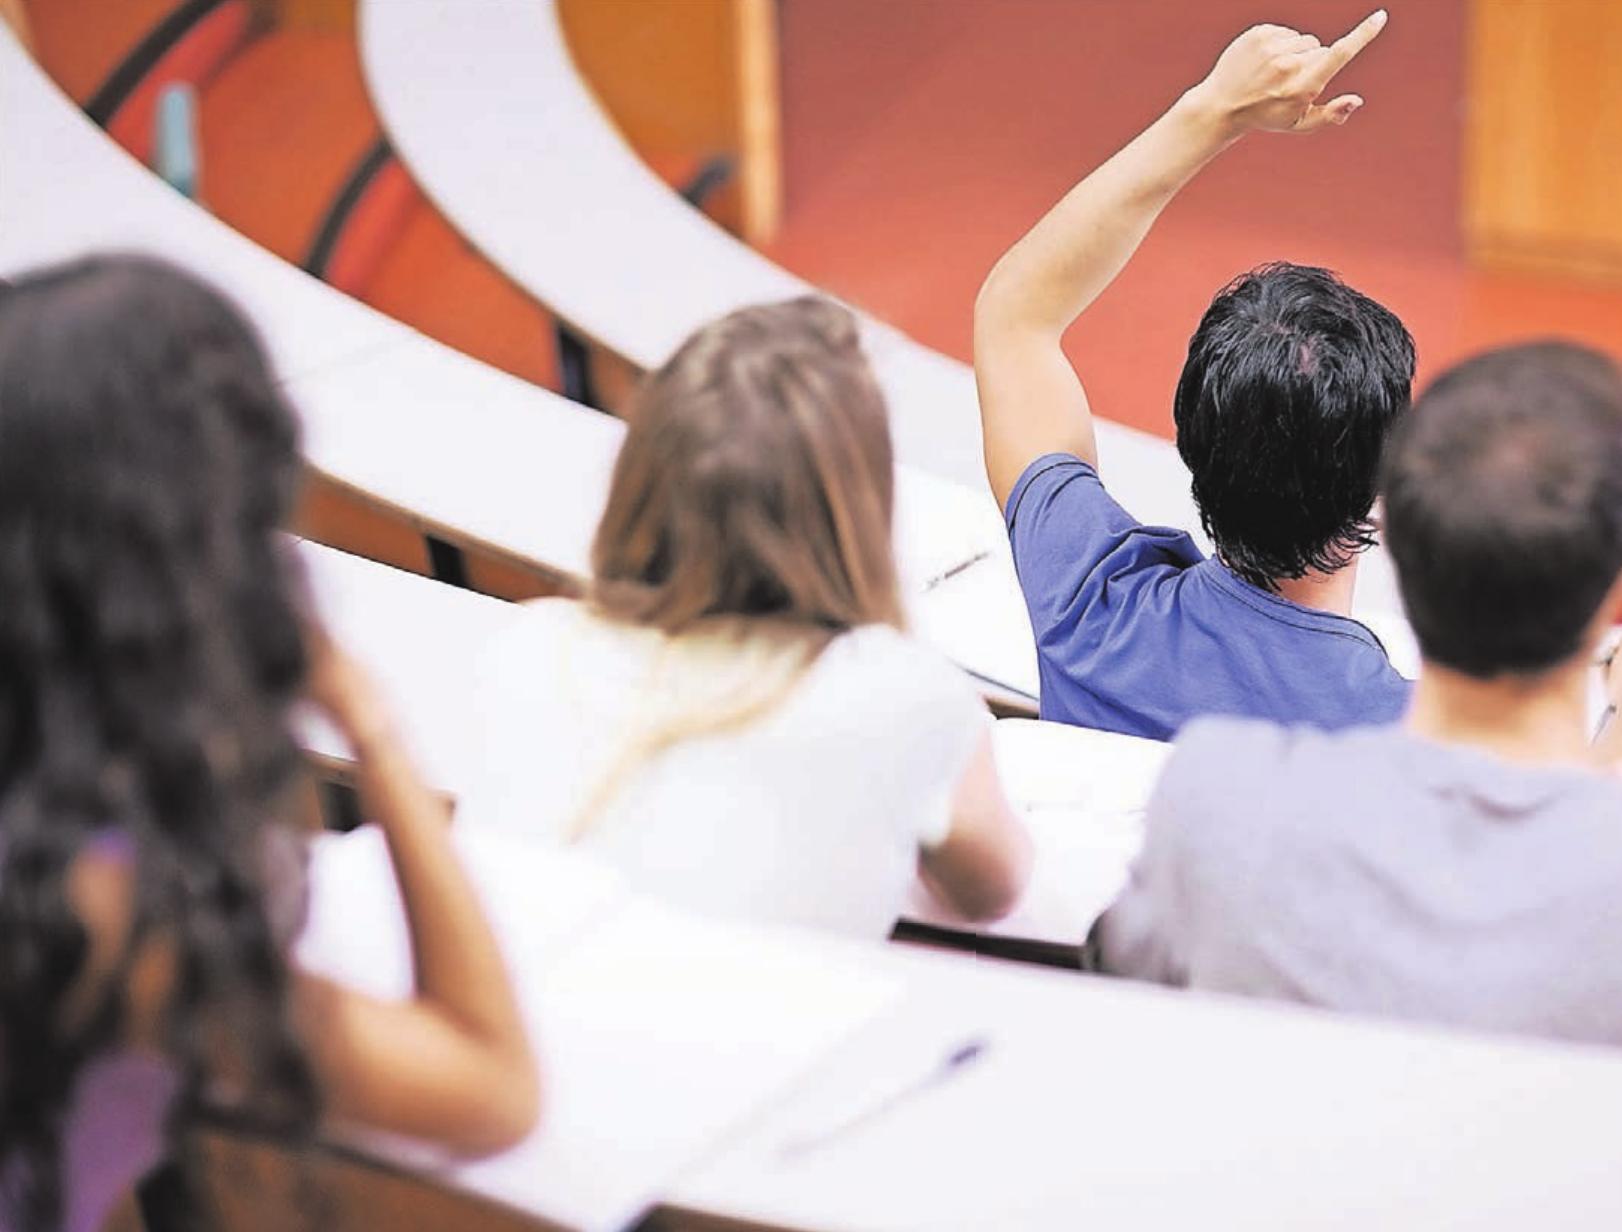 Innerhalb eines Buddie-Programms werden Geflüchtete zunächst als Gasthörer und auch während der folgenden Etappen nicht alleine gelassen. Viele Studenten der Uni haben sich bereit erklärt, einen Programmteilnehmer zu begleiten.